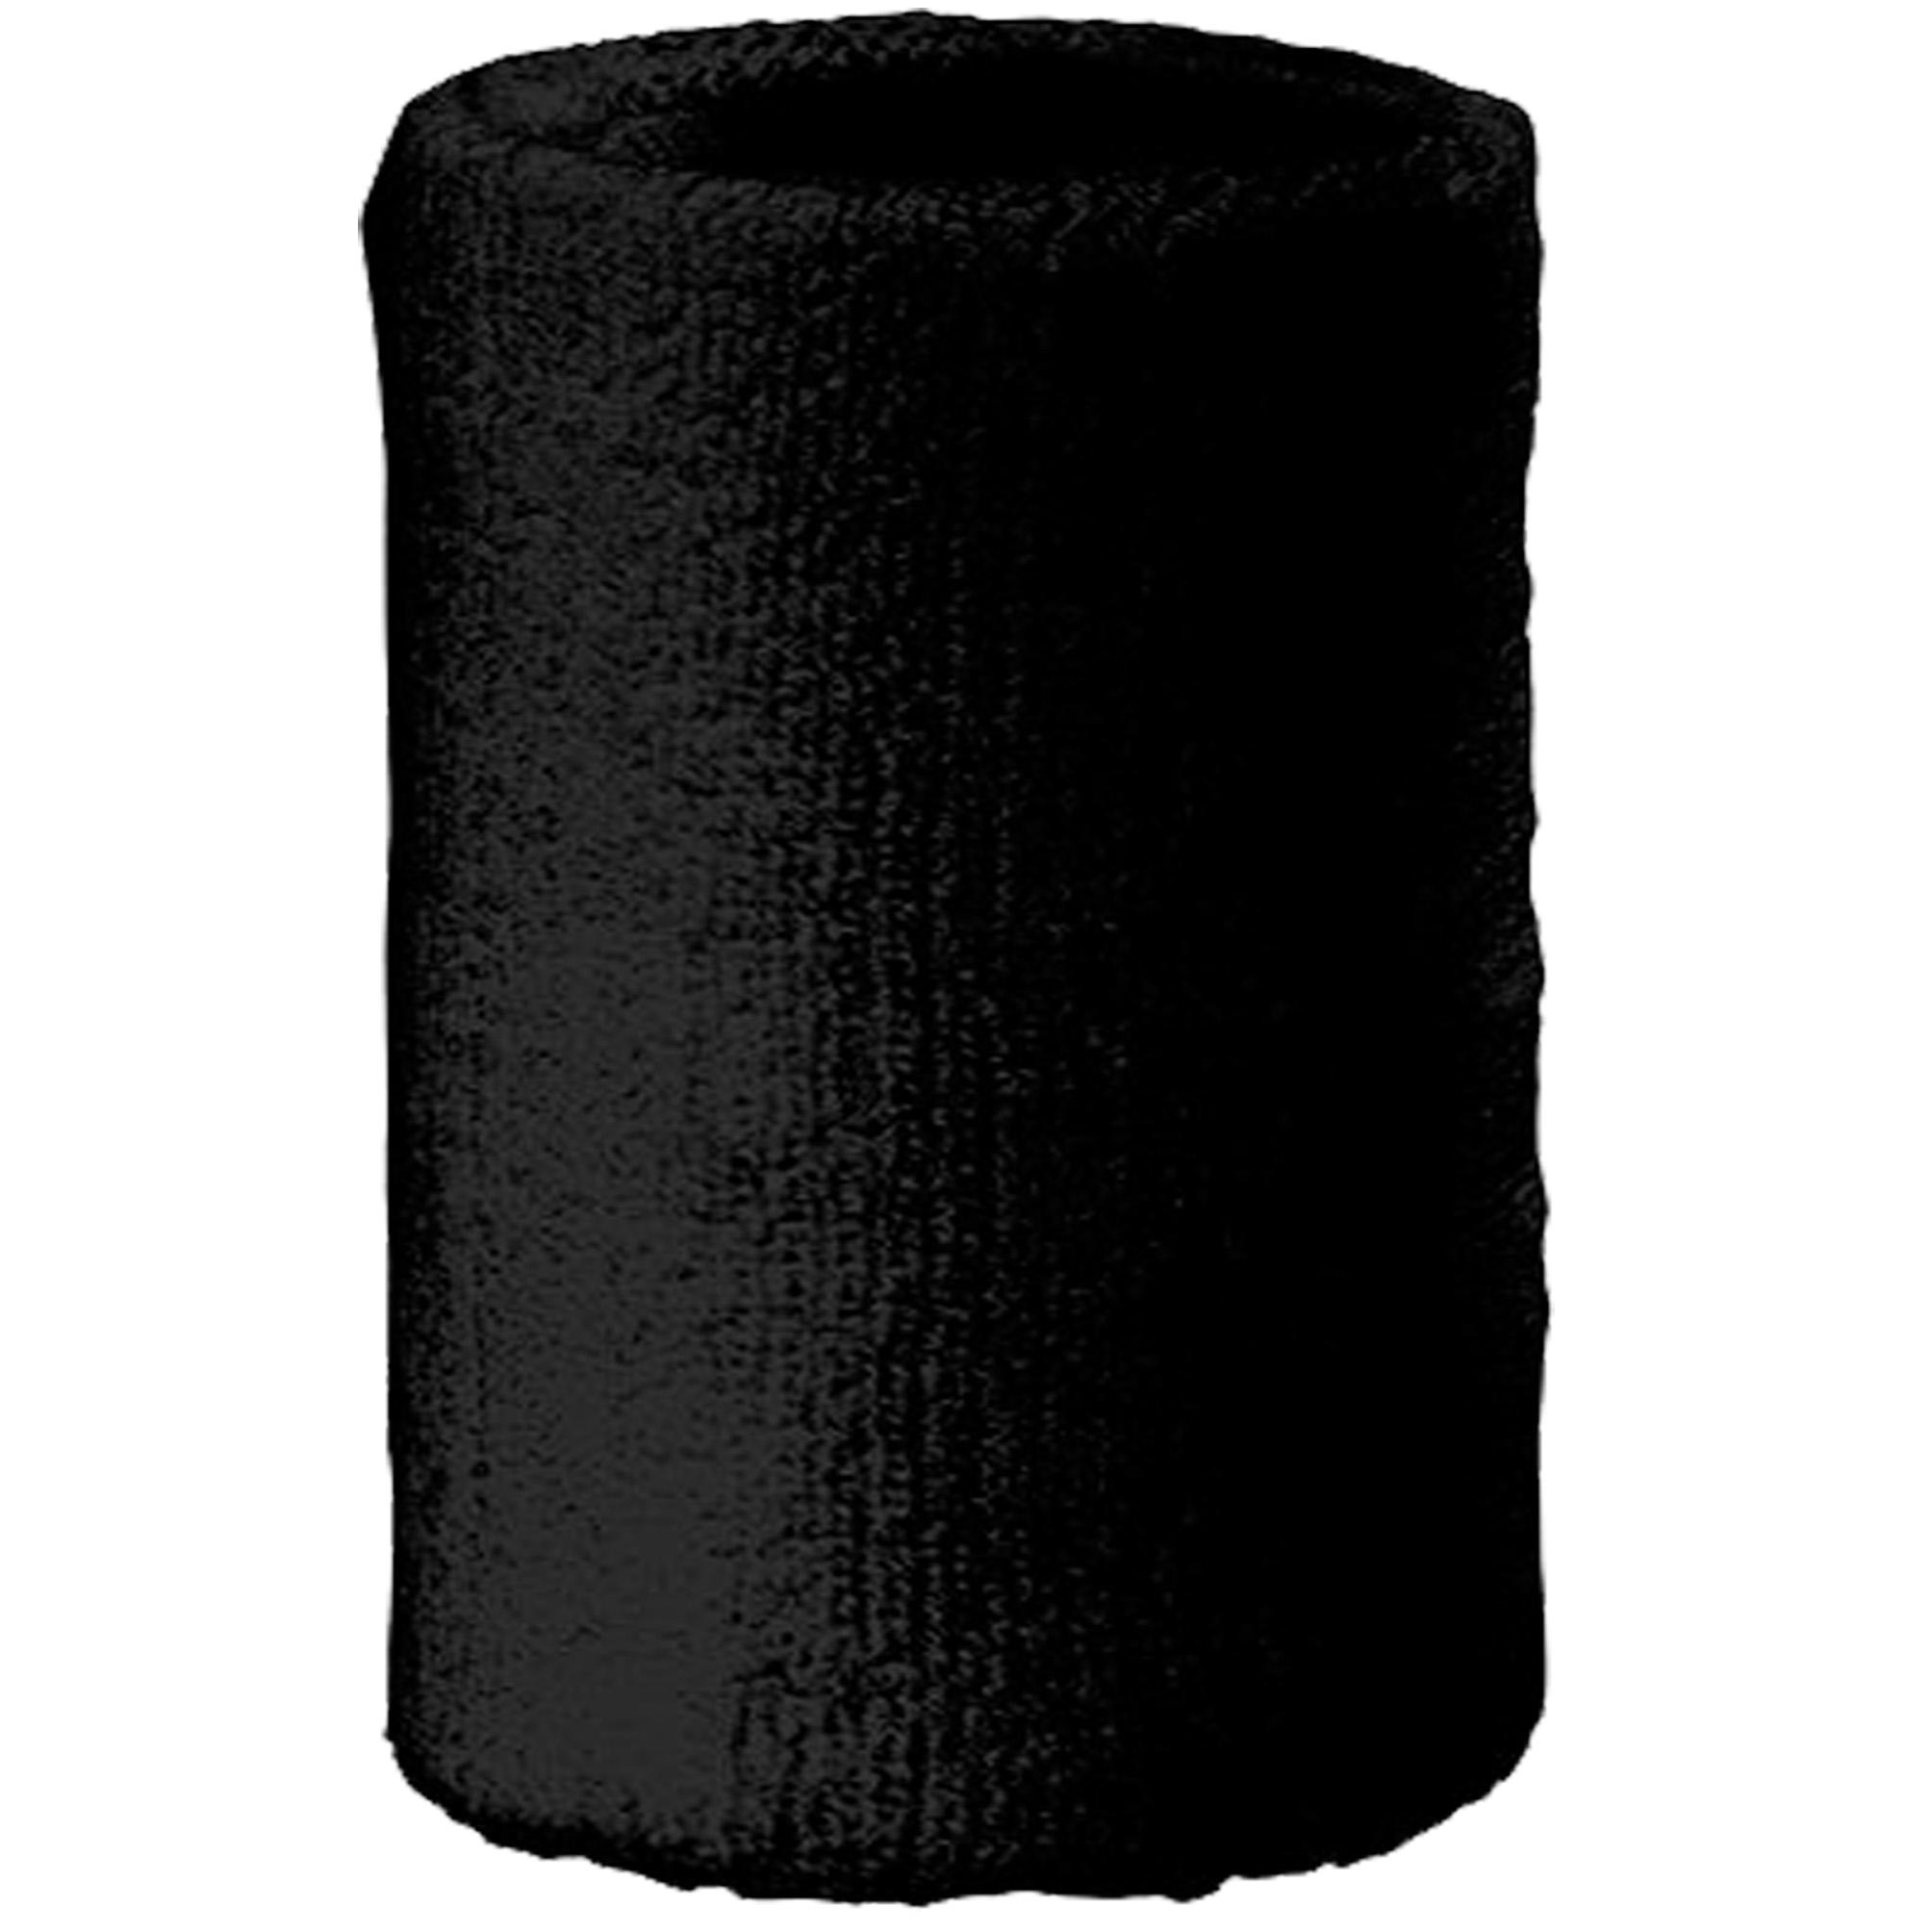 Einfarbige Schweissbänder XXL - Nonvision